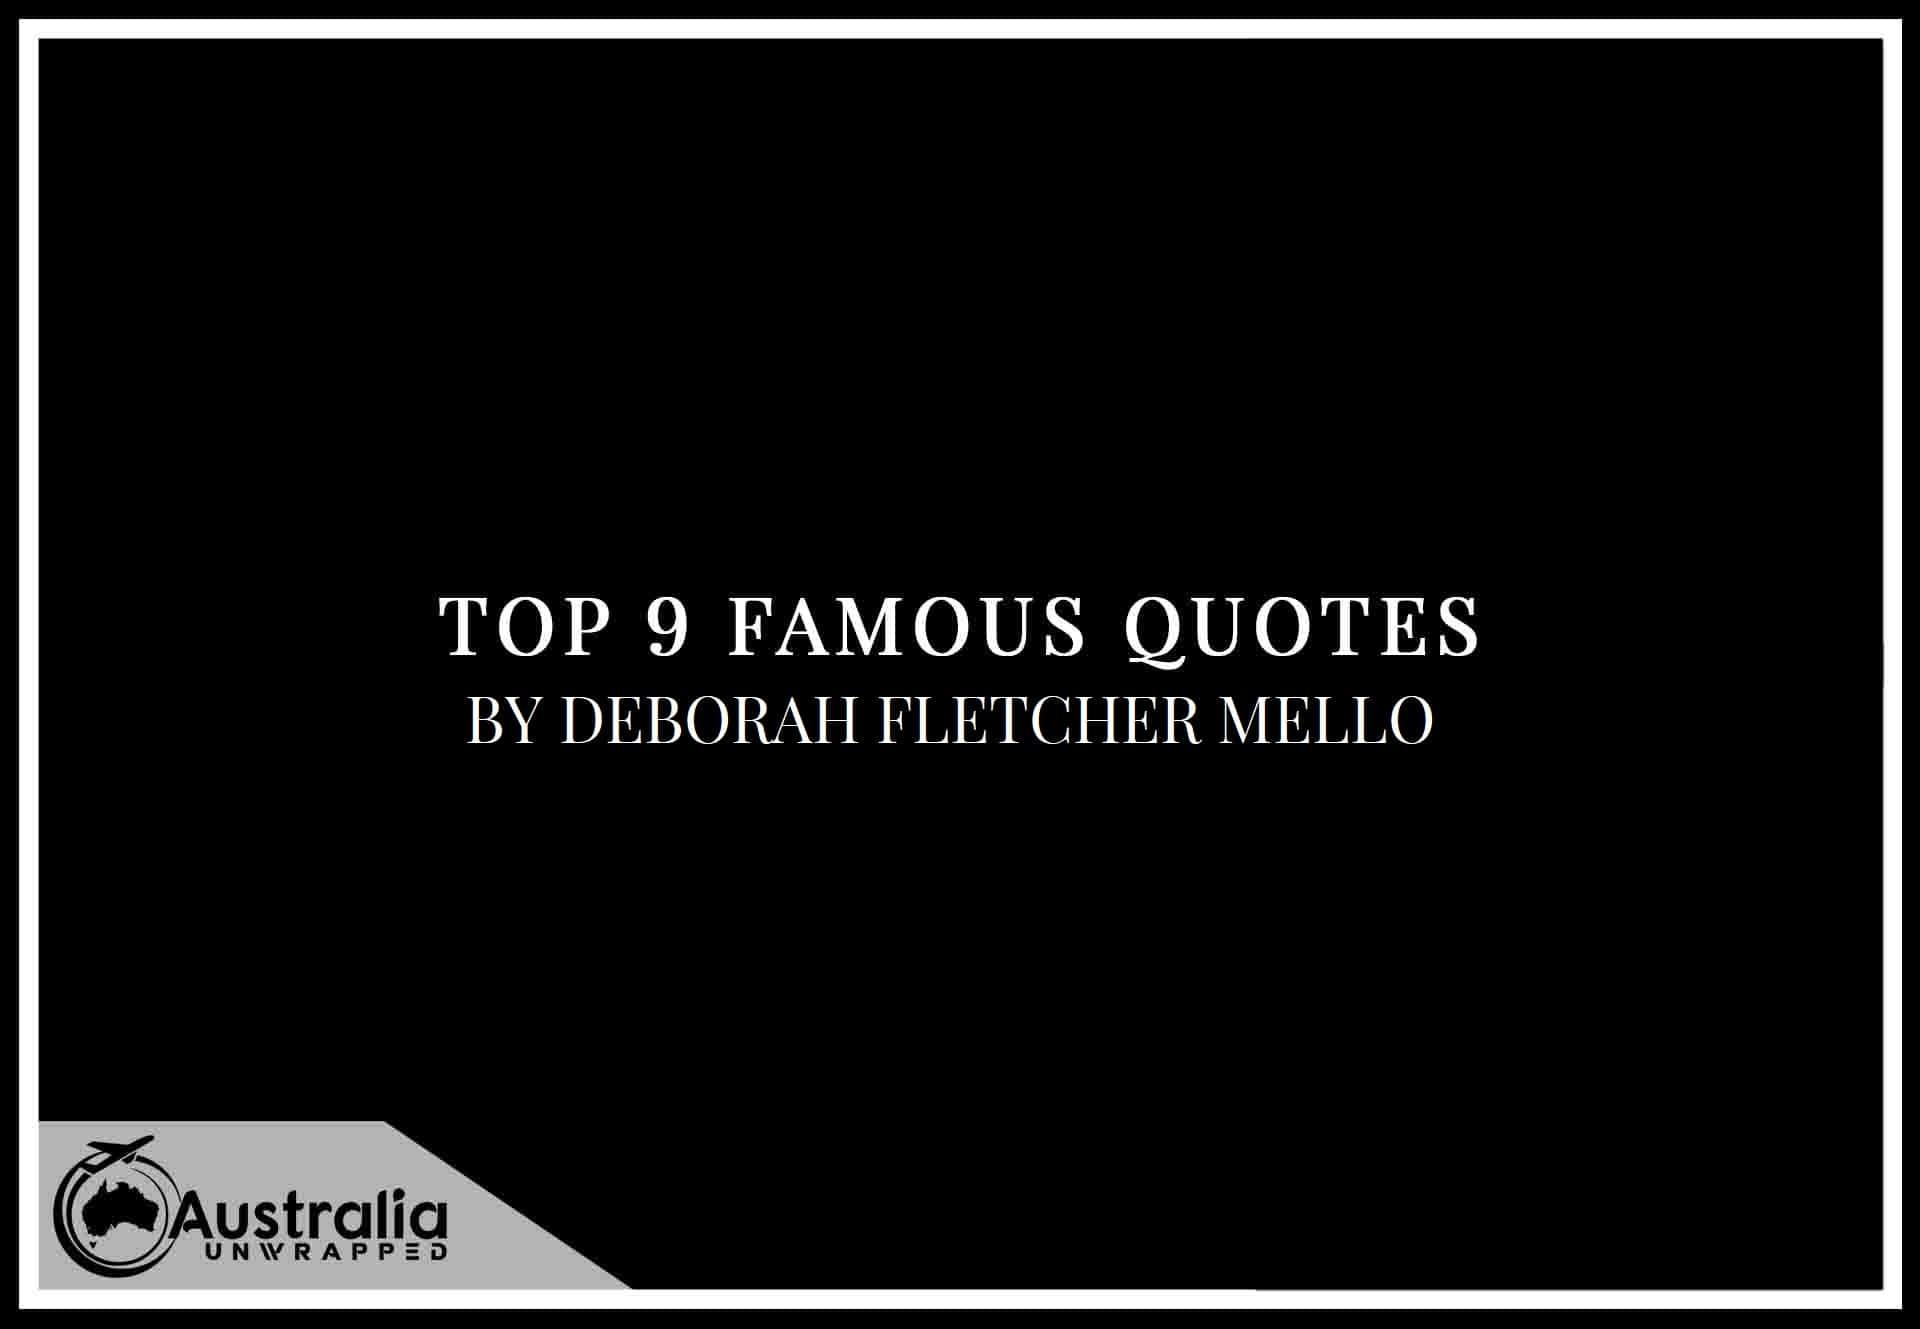 Top 9 Famous Quotes by Author Deborah Fletcher Mello